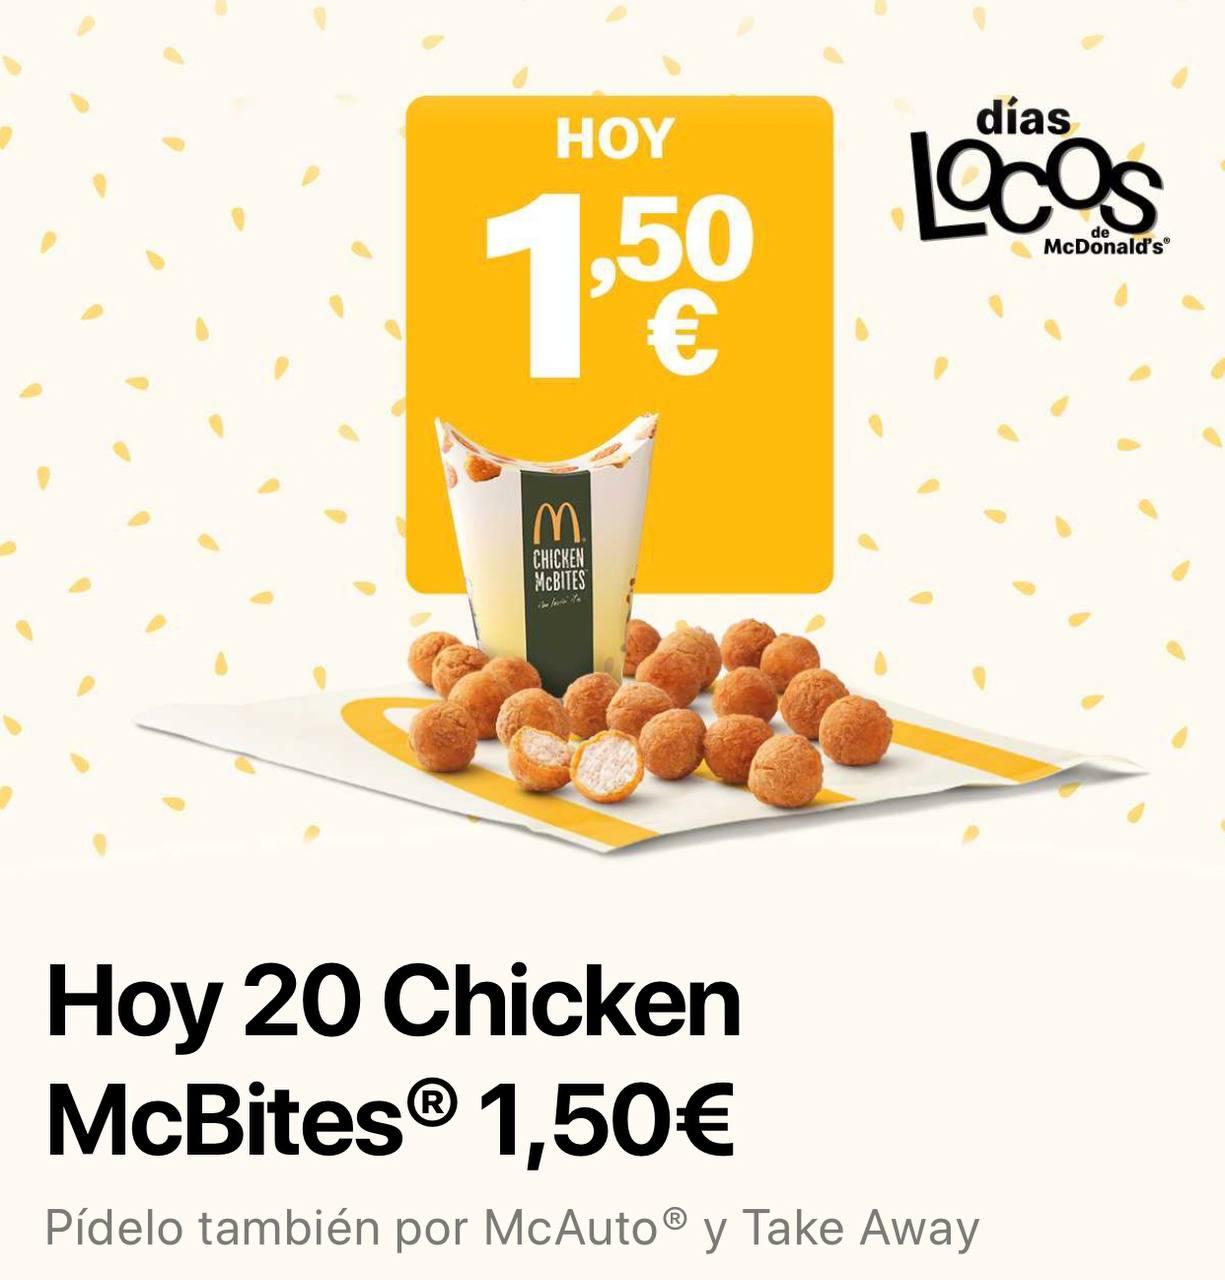 20 Chicken McBites con los días locos de McDonalds